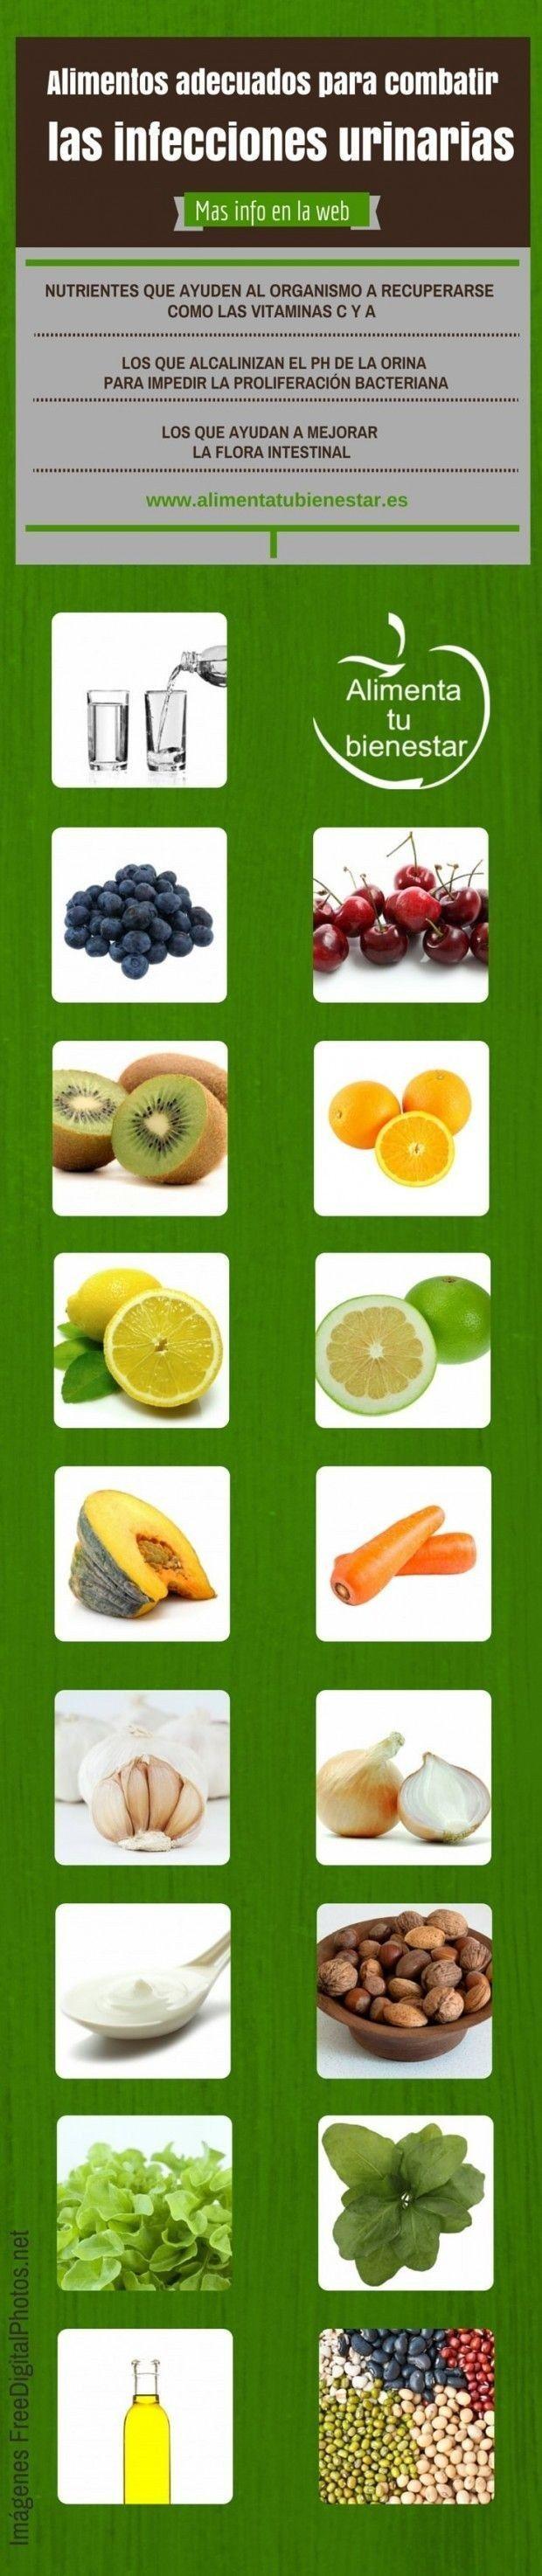 Comer kiwis y limones ayuda a prevenir esas molestas infecciones urinarias. | 23 Infografías que te ayudarán a vivir una vida más sana